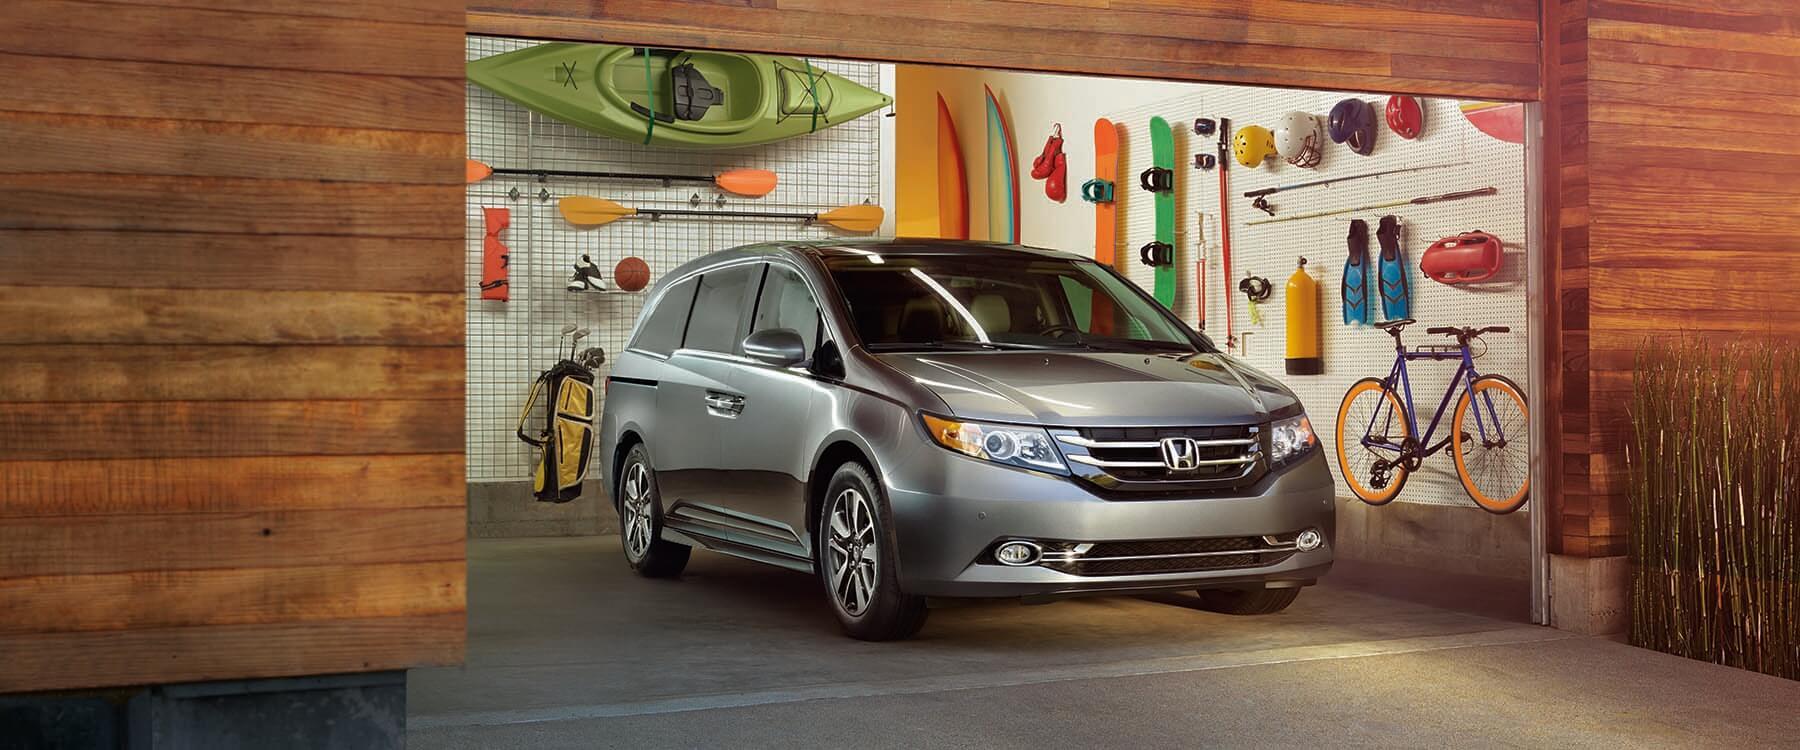 2017 Honda Odyssey parked in a garage